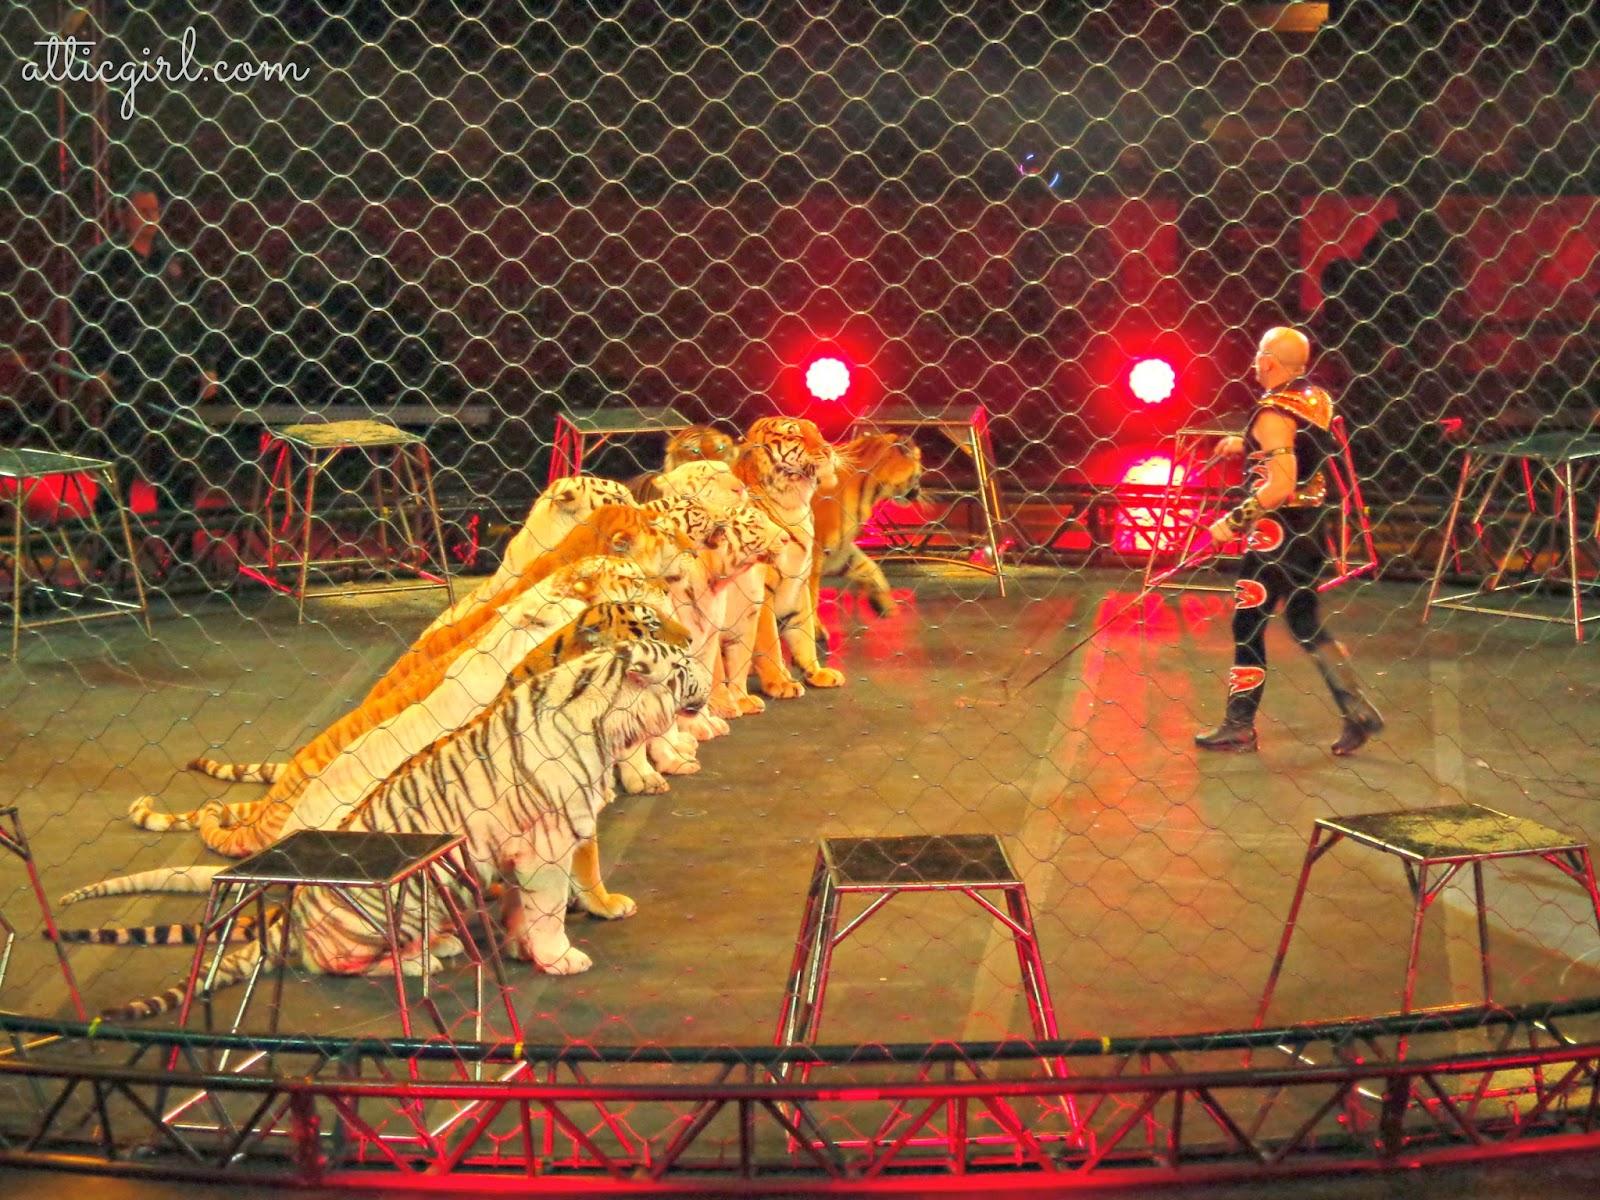 Ringling Bros. circus, Baltimore